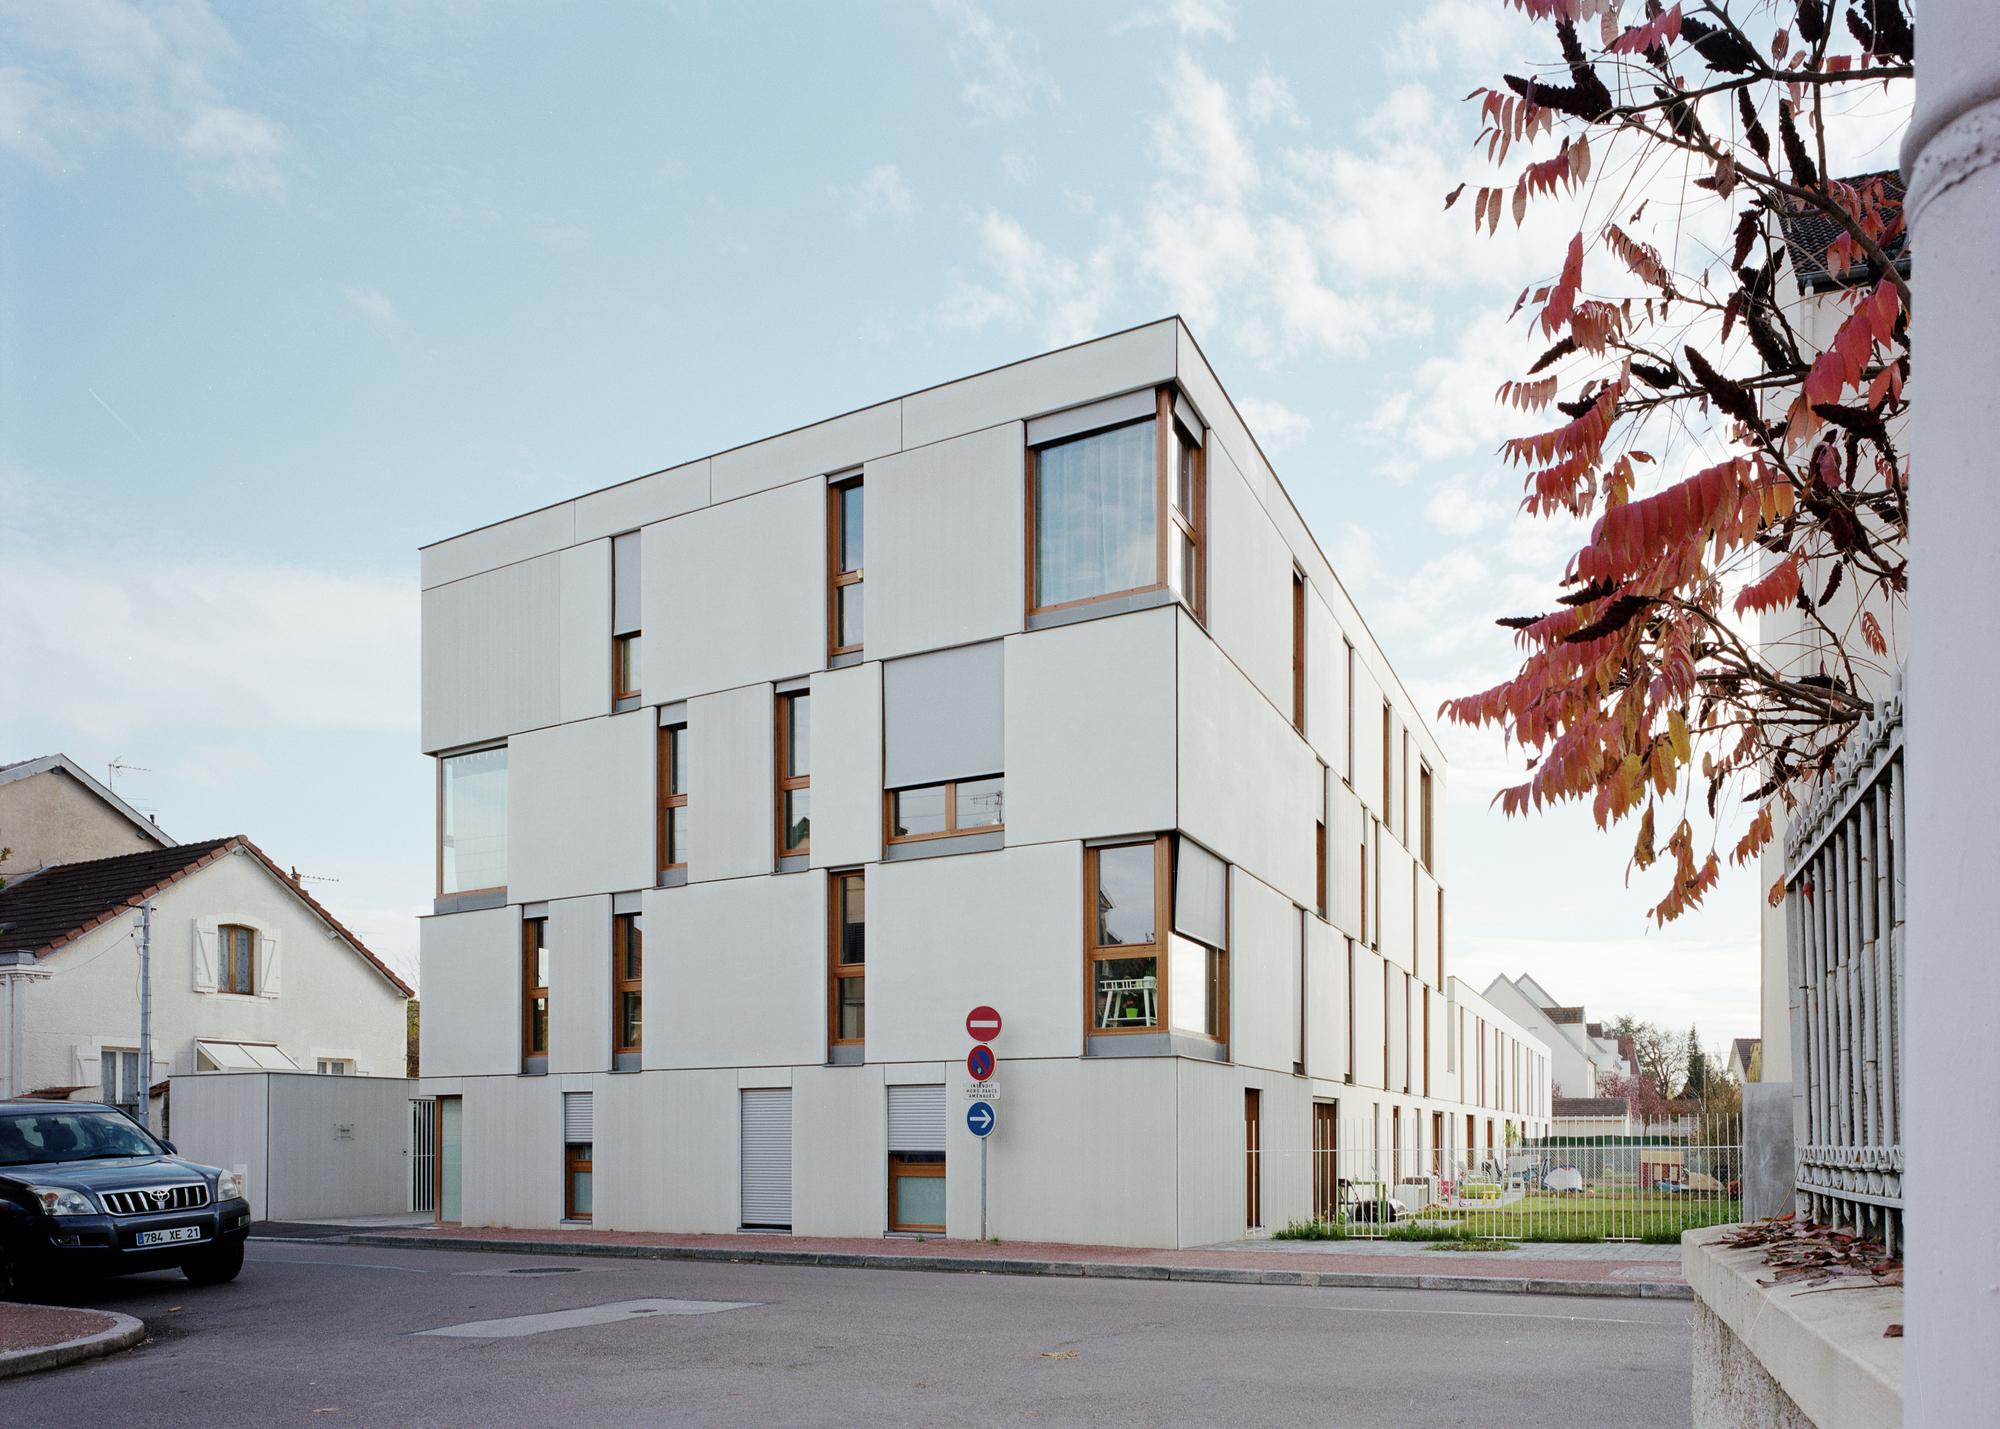 Dijon concrete housings ateliers o s architectes archdaily for Dijon architecture